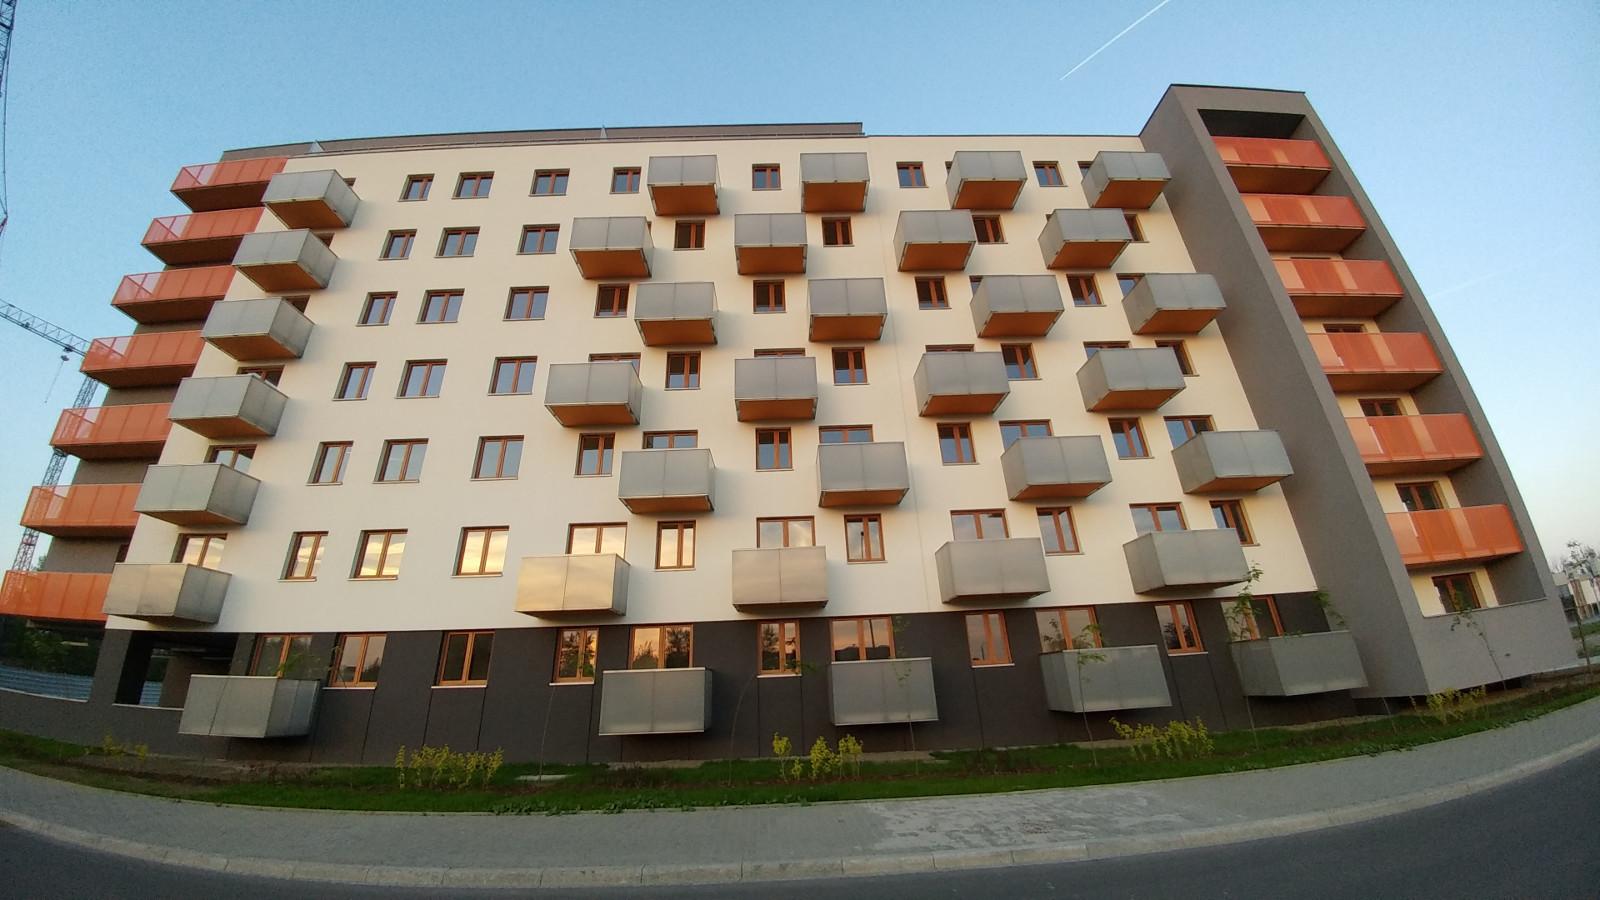 Wygląd elewacji nowego bloku Centralna park w Krakowie - Czyżynach